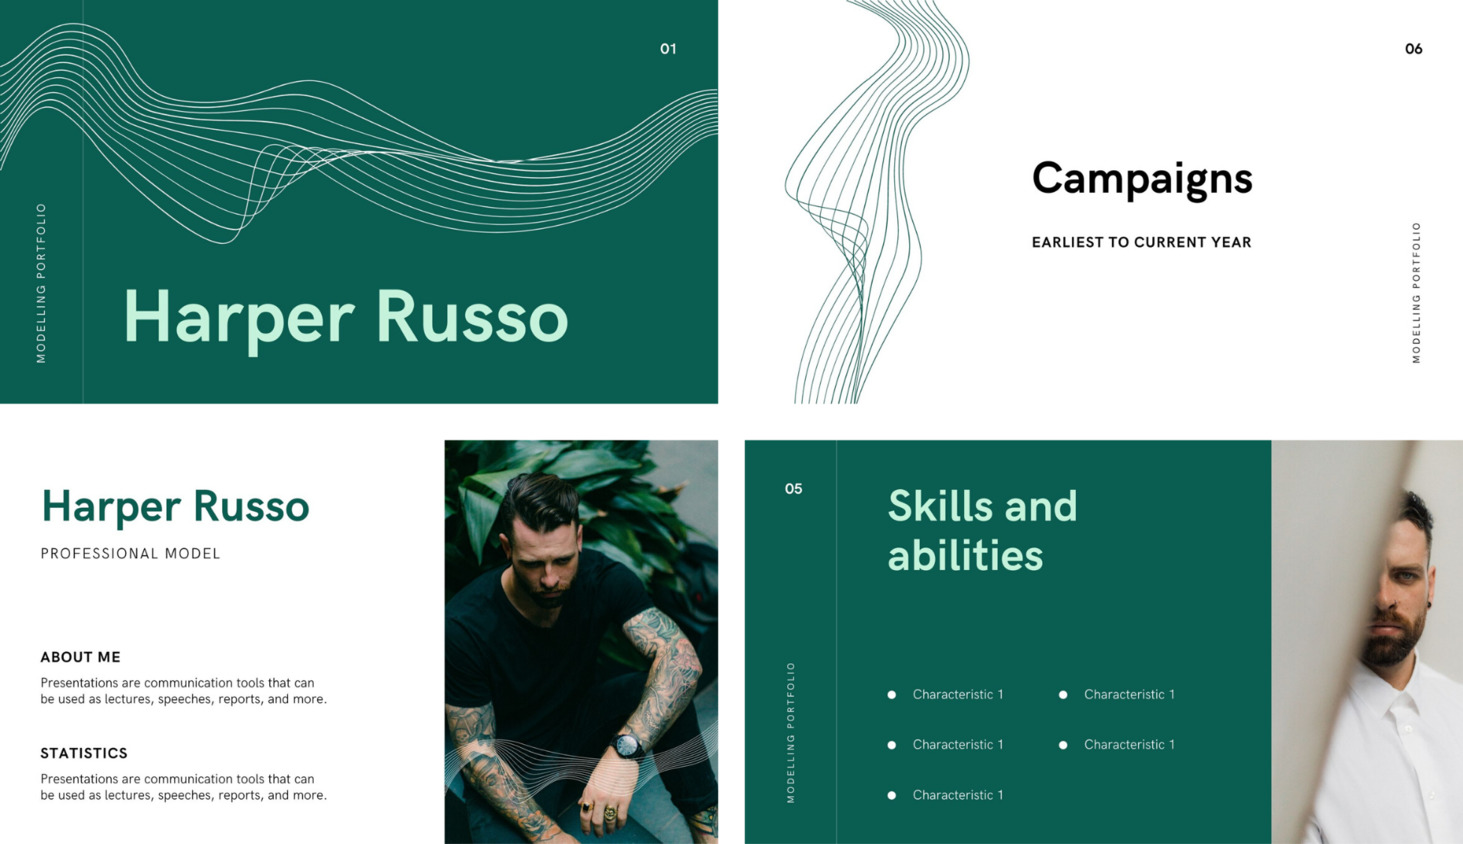 Образец портфолио для маркетолога с зеленым фоном и фото